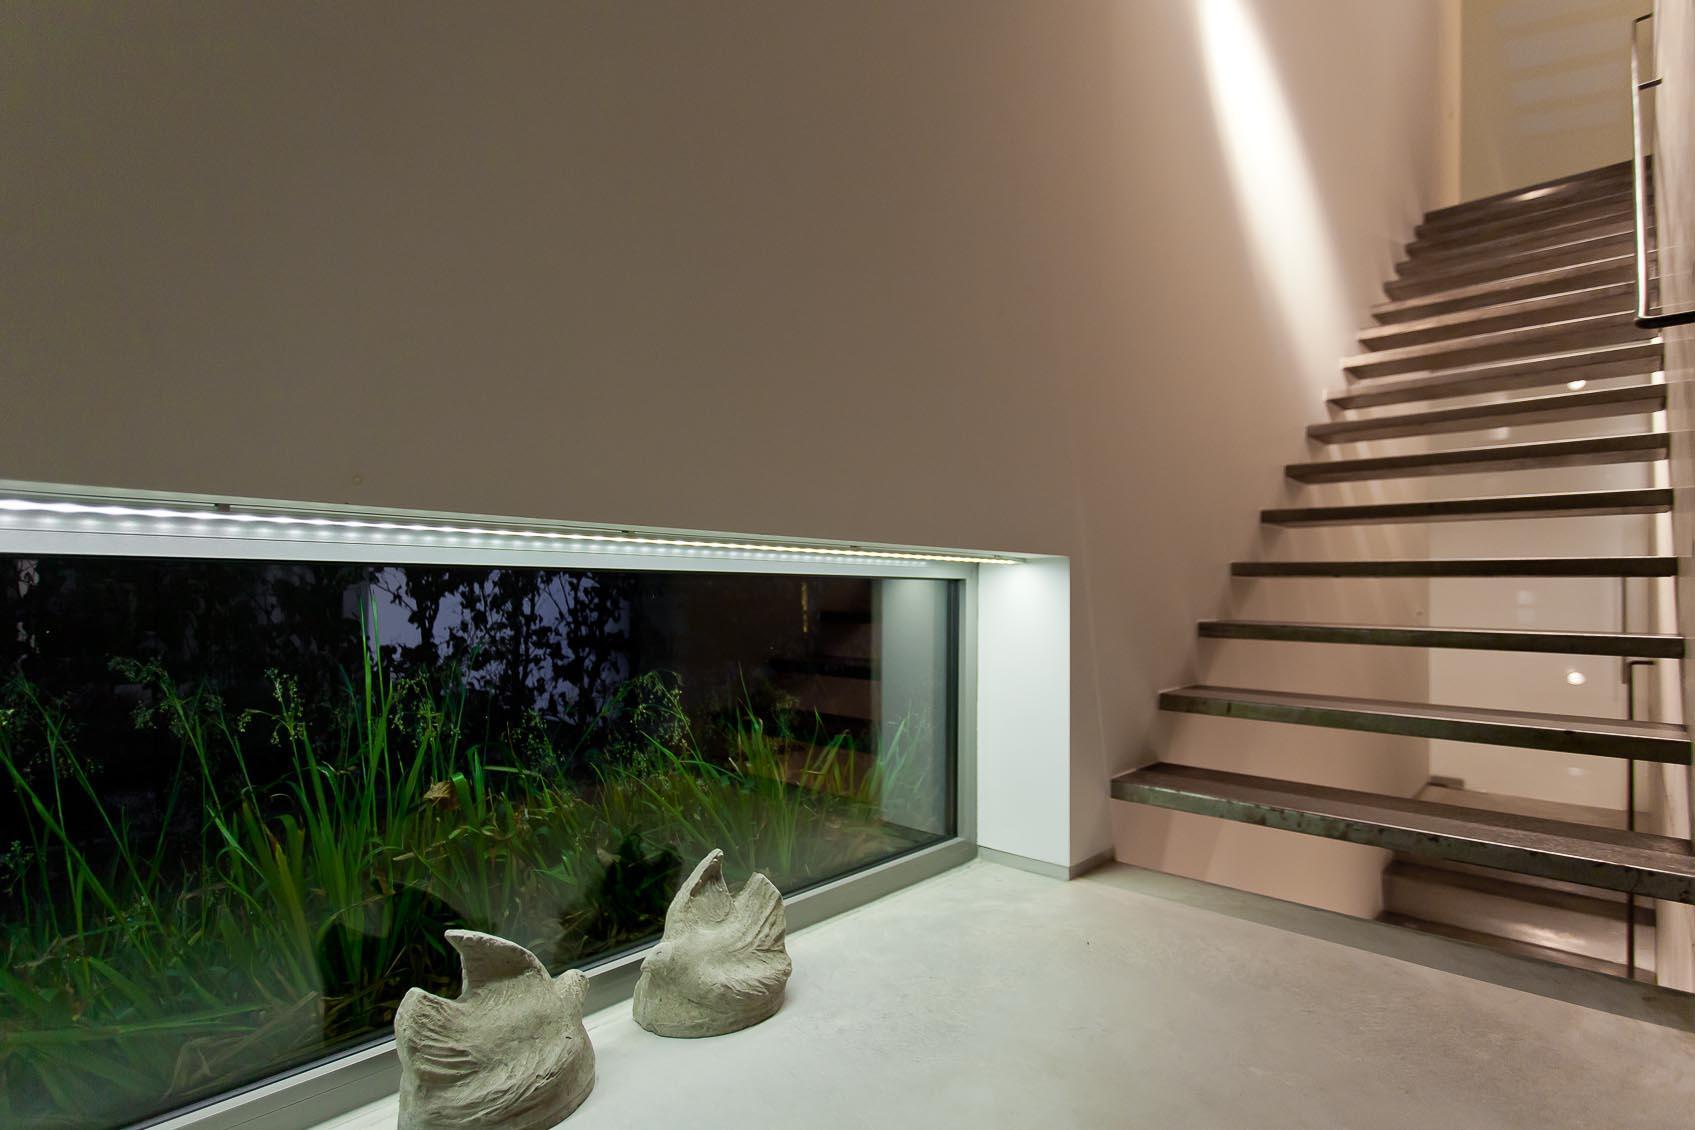 lichtconcept in moderne woning